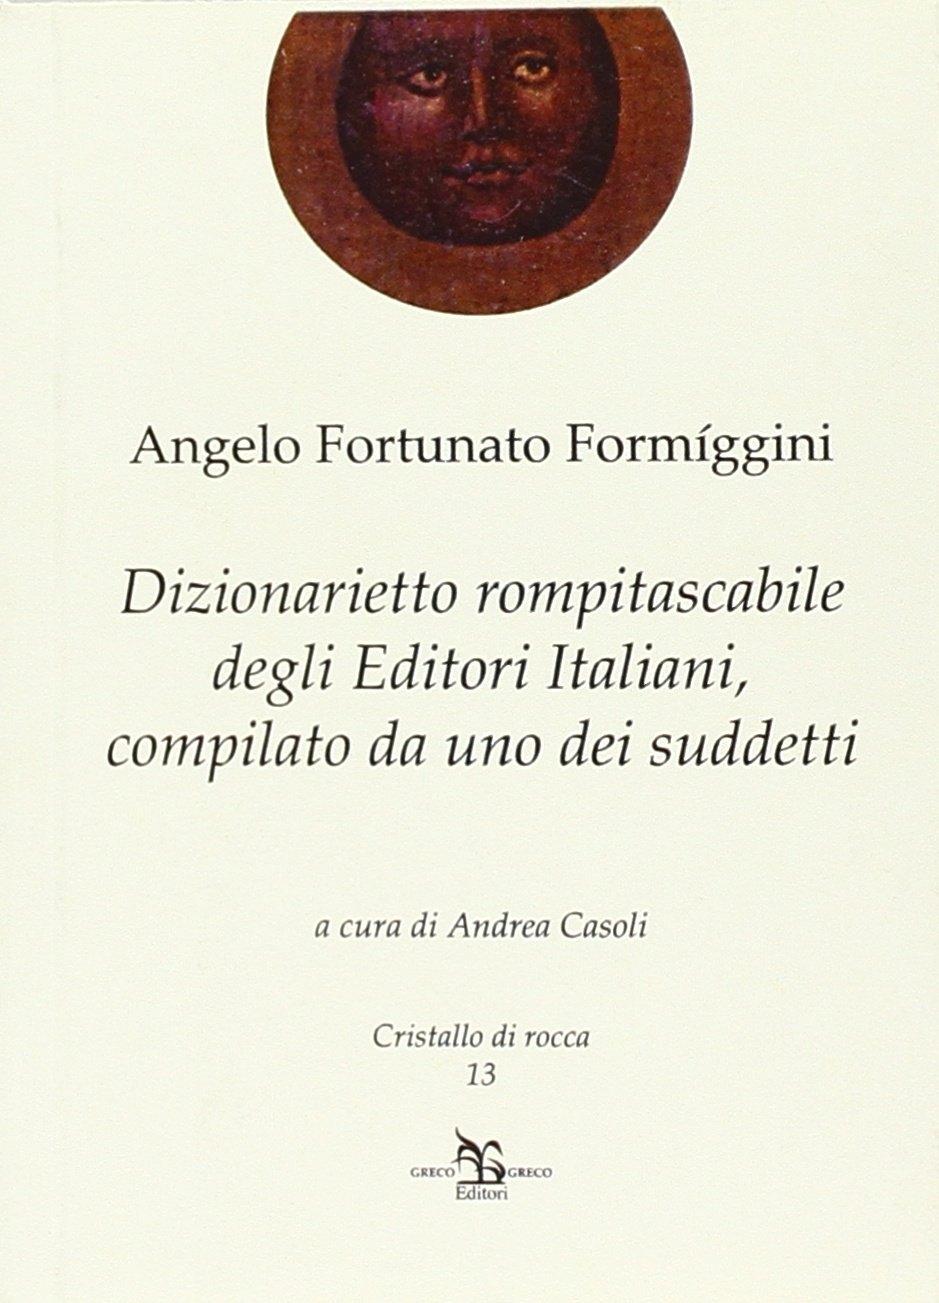 Dizionarietto rompitascabile degli editori italiani, compilato da uno dei suddetti.